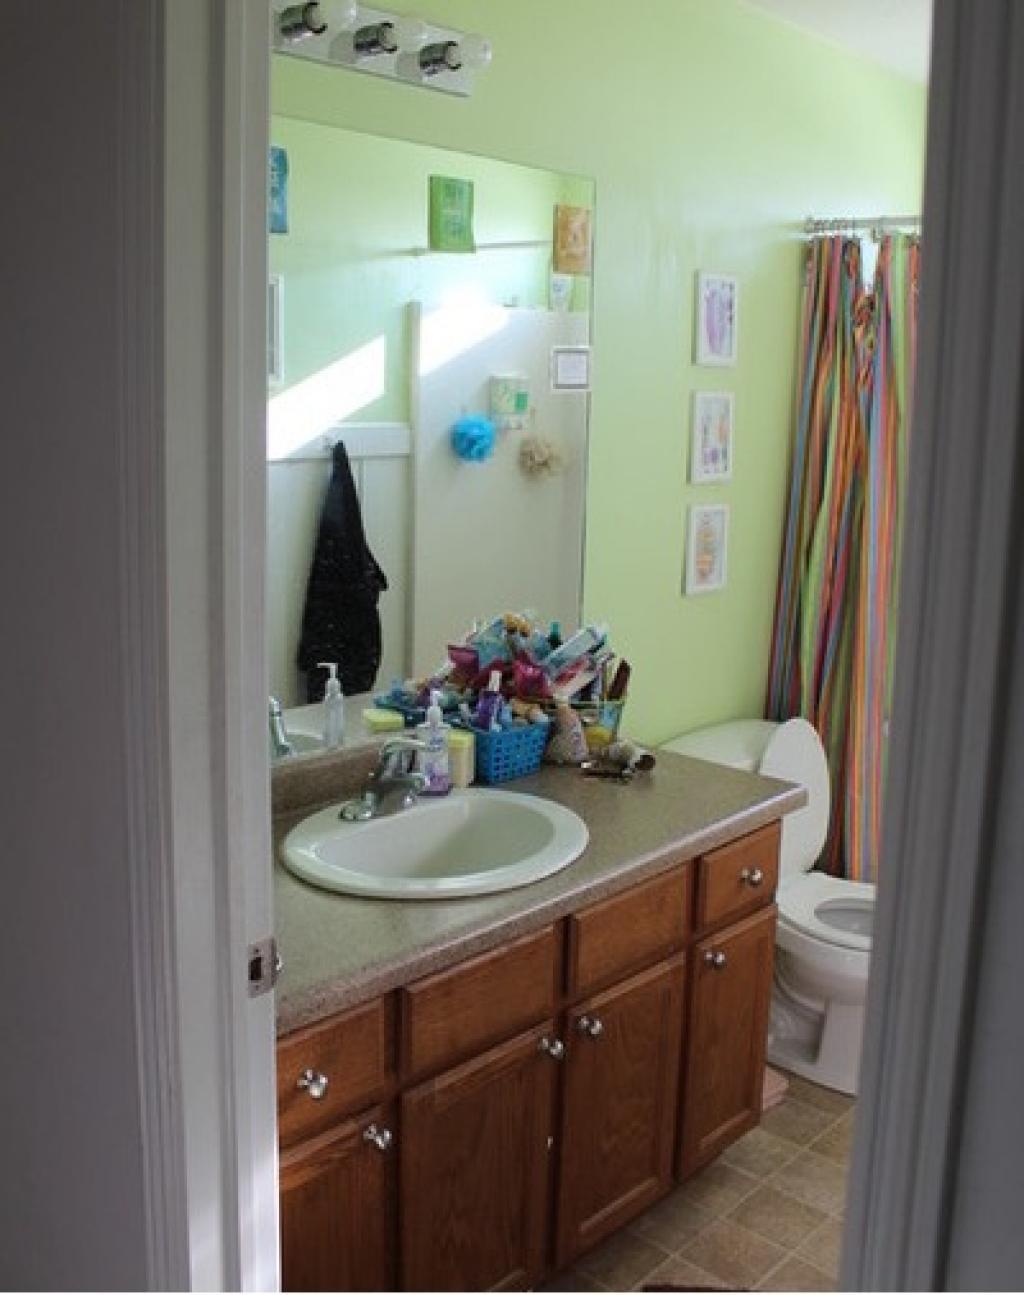 Avec seulement 400 pour transformer sa salle de bain, elle ...